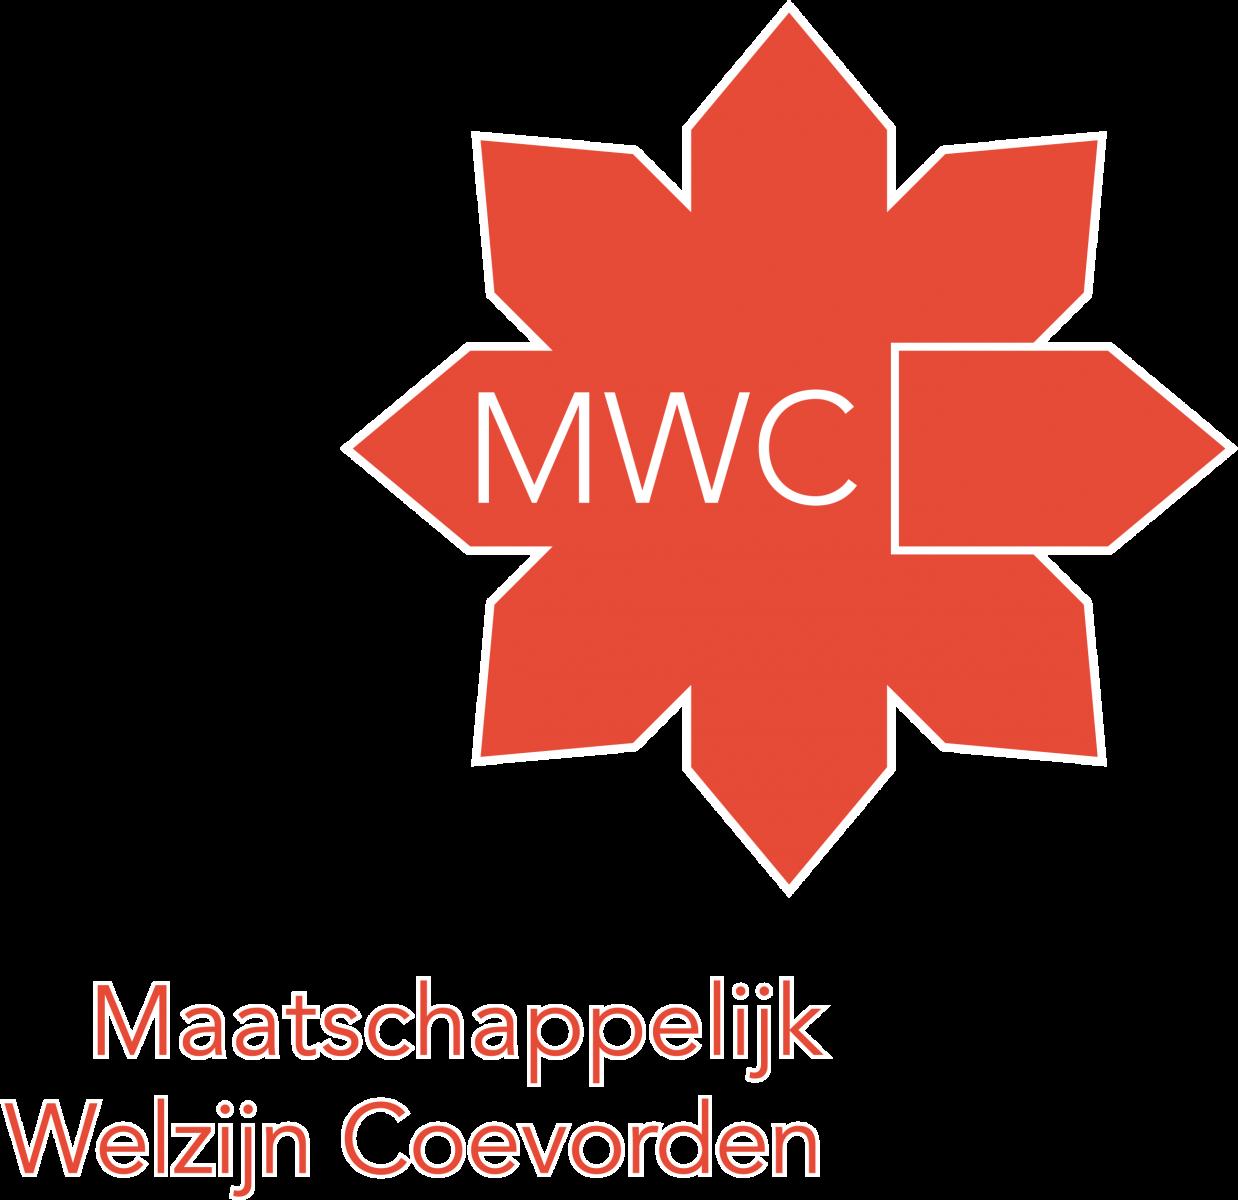 Logo Maatschappelijk Welzijn Coevorden